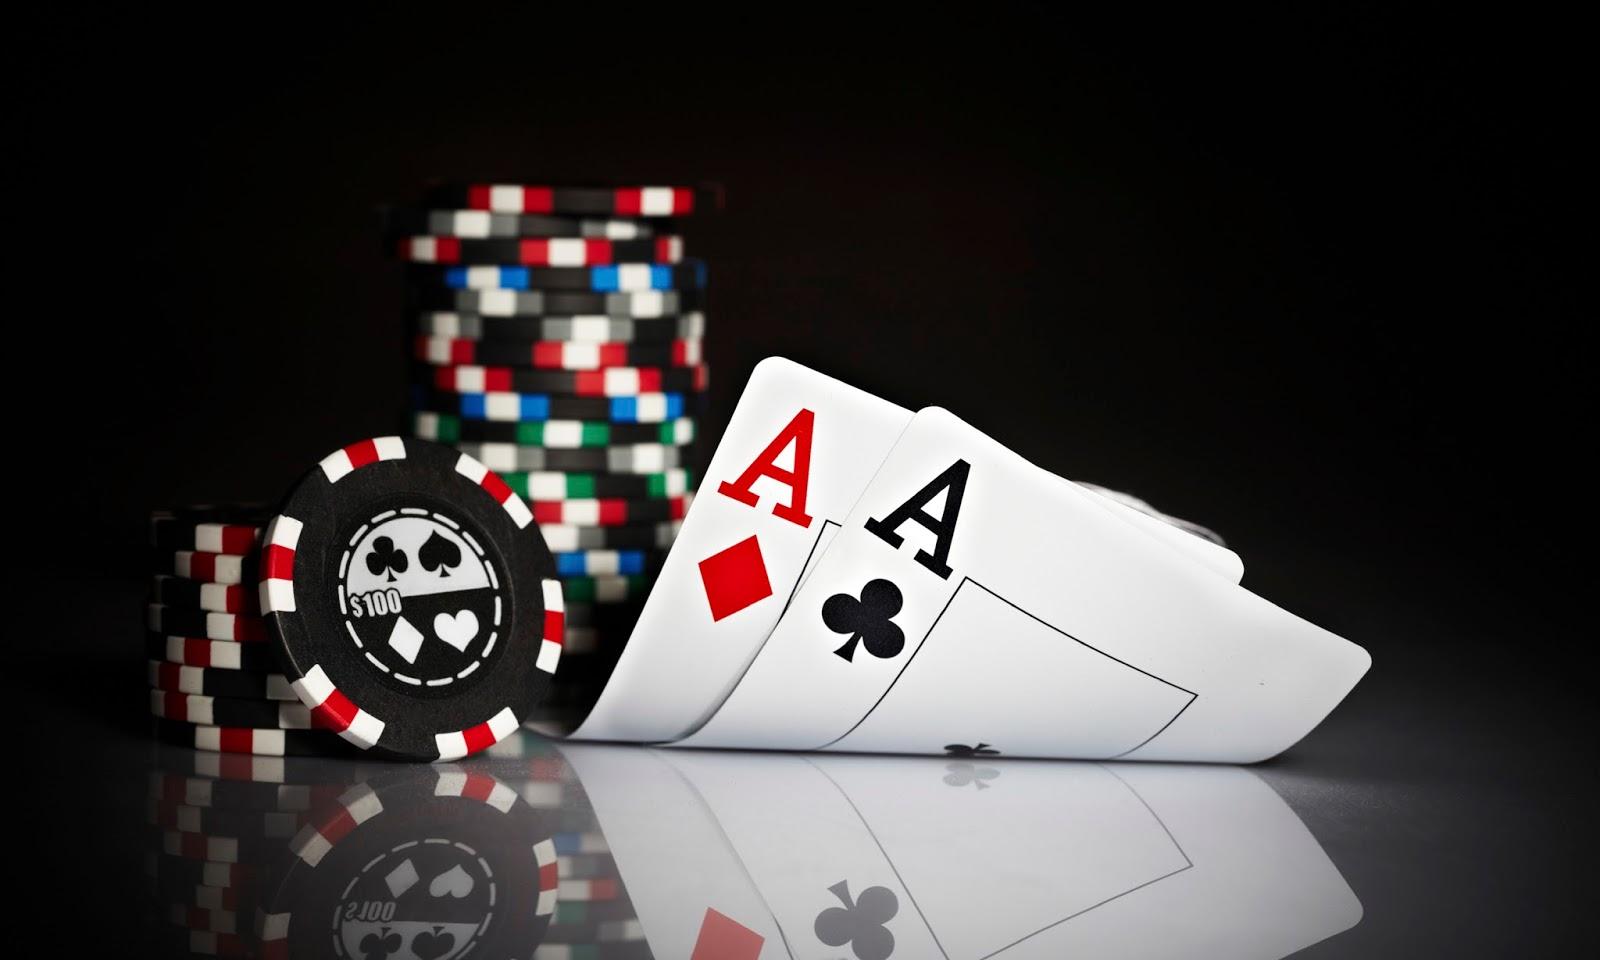 Cara Menang Judi Online Dewa Poker Terbaik Dalam Bermain